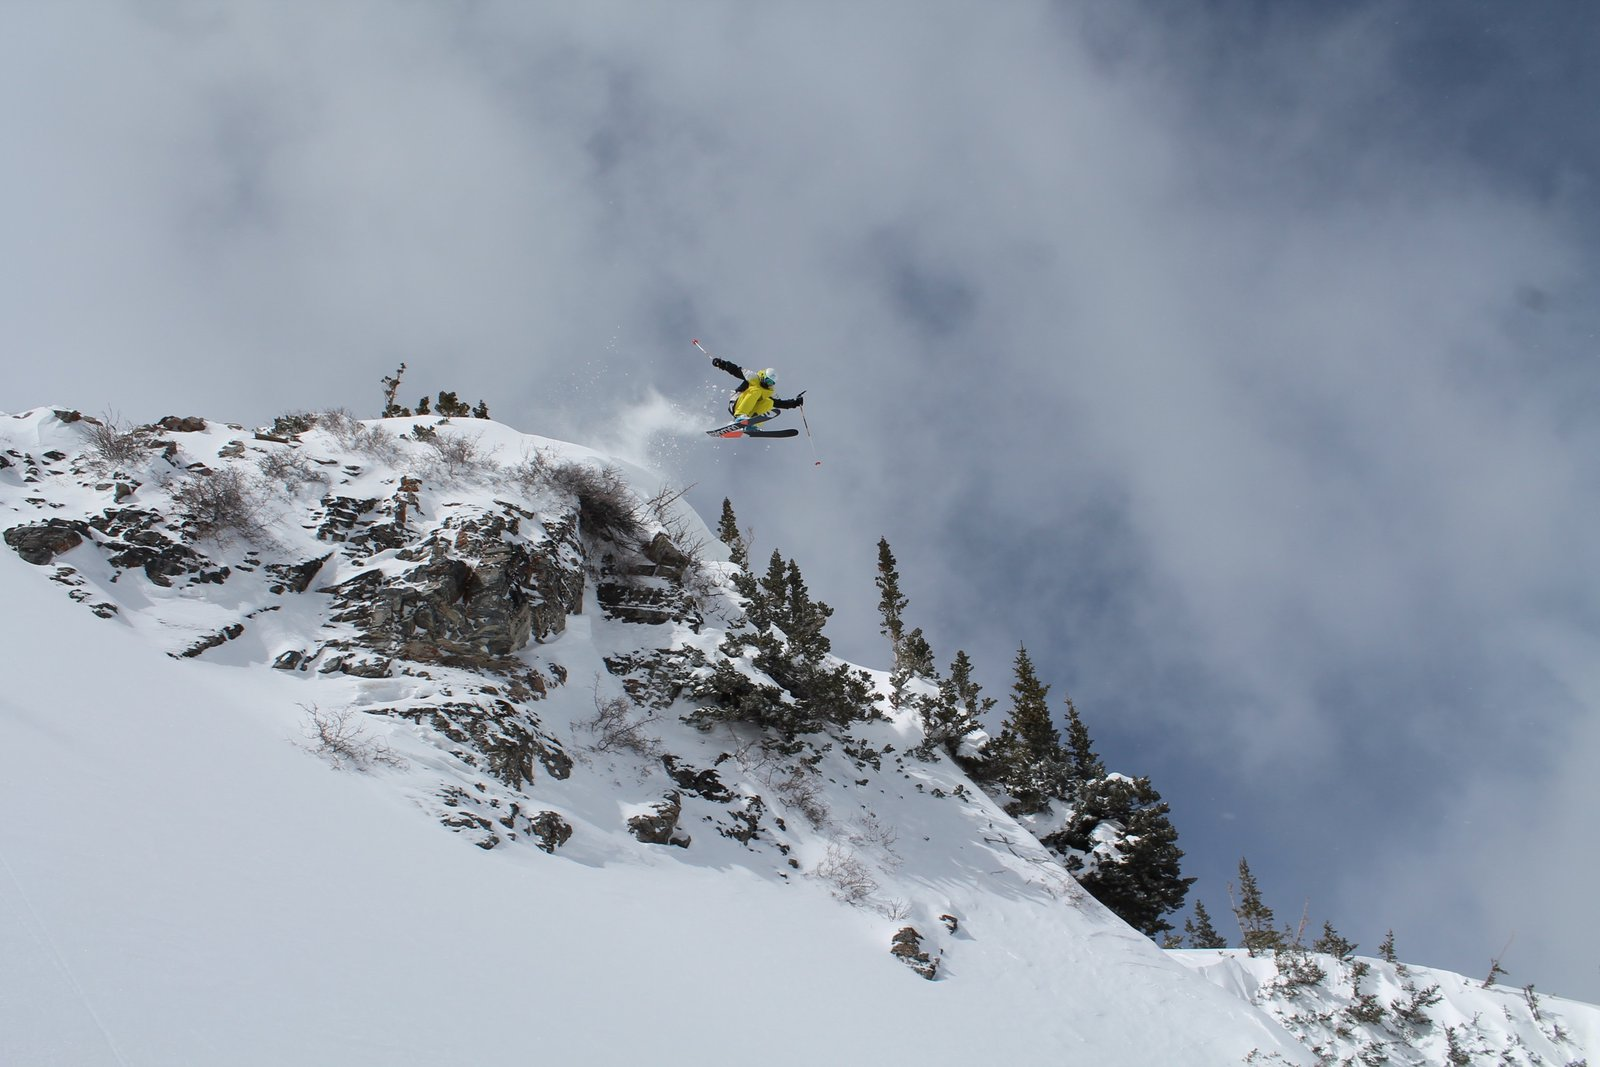 Big Air in Mineral, Snowbird